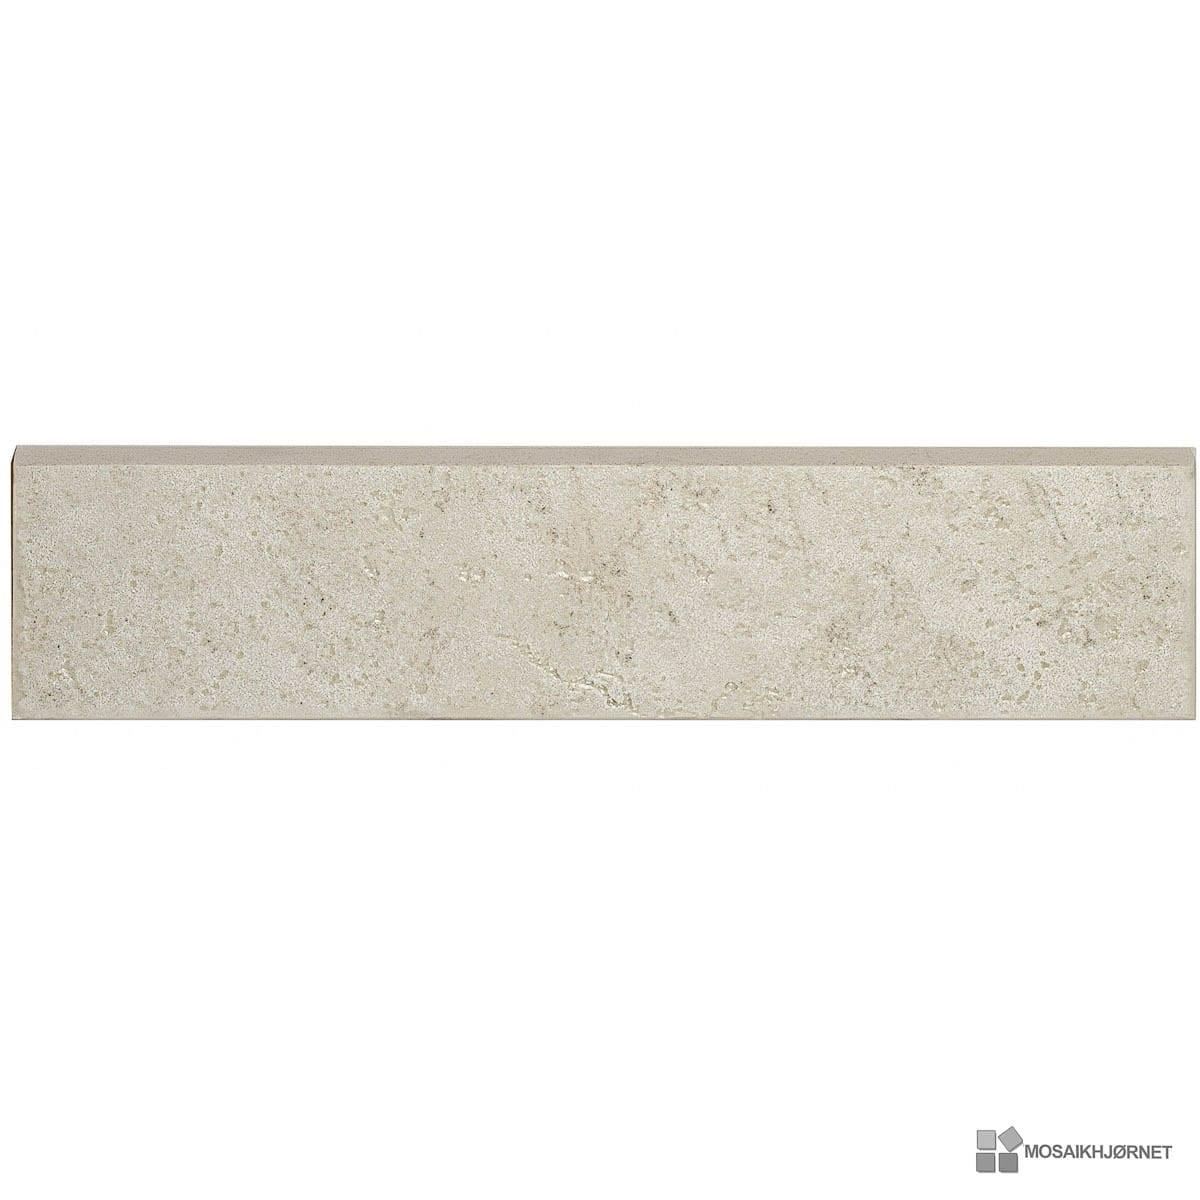 Beige Mosaik Fliser :  Mosaikhjørnet  Fliser, klinker og mosaik til badeværelse og køkken